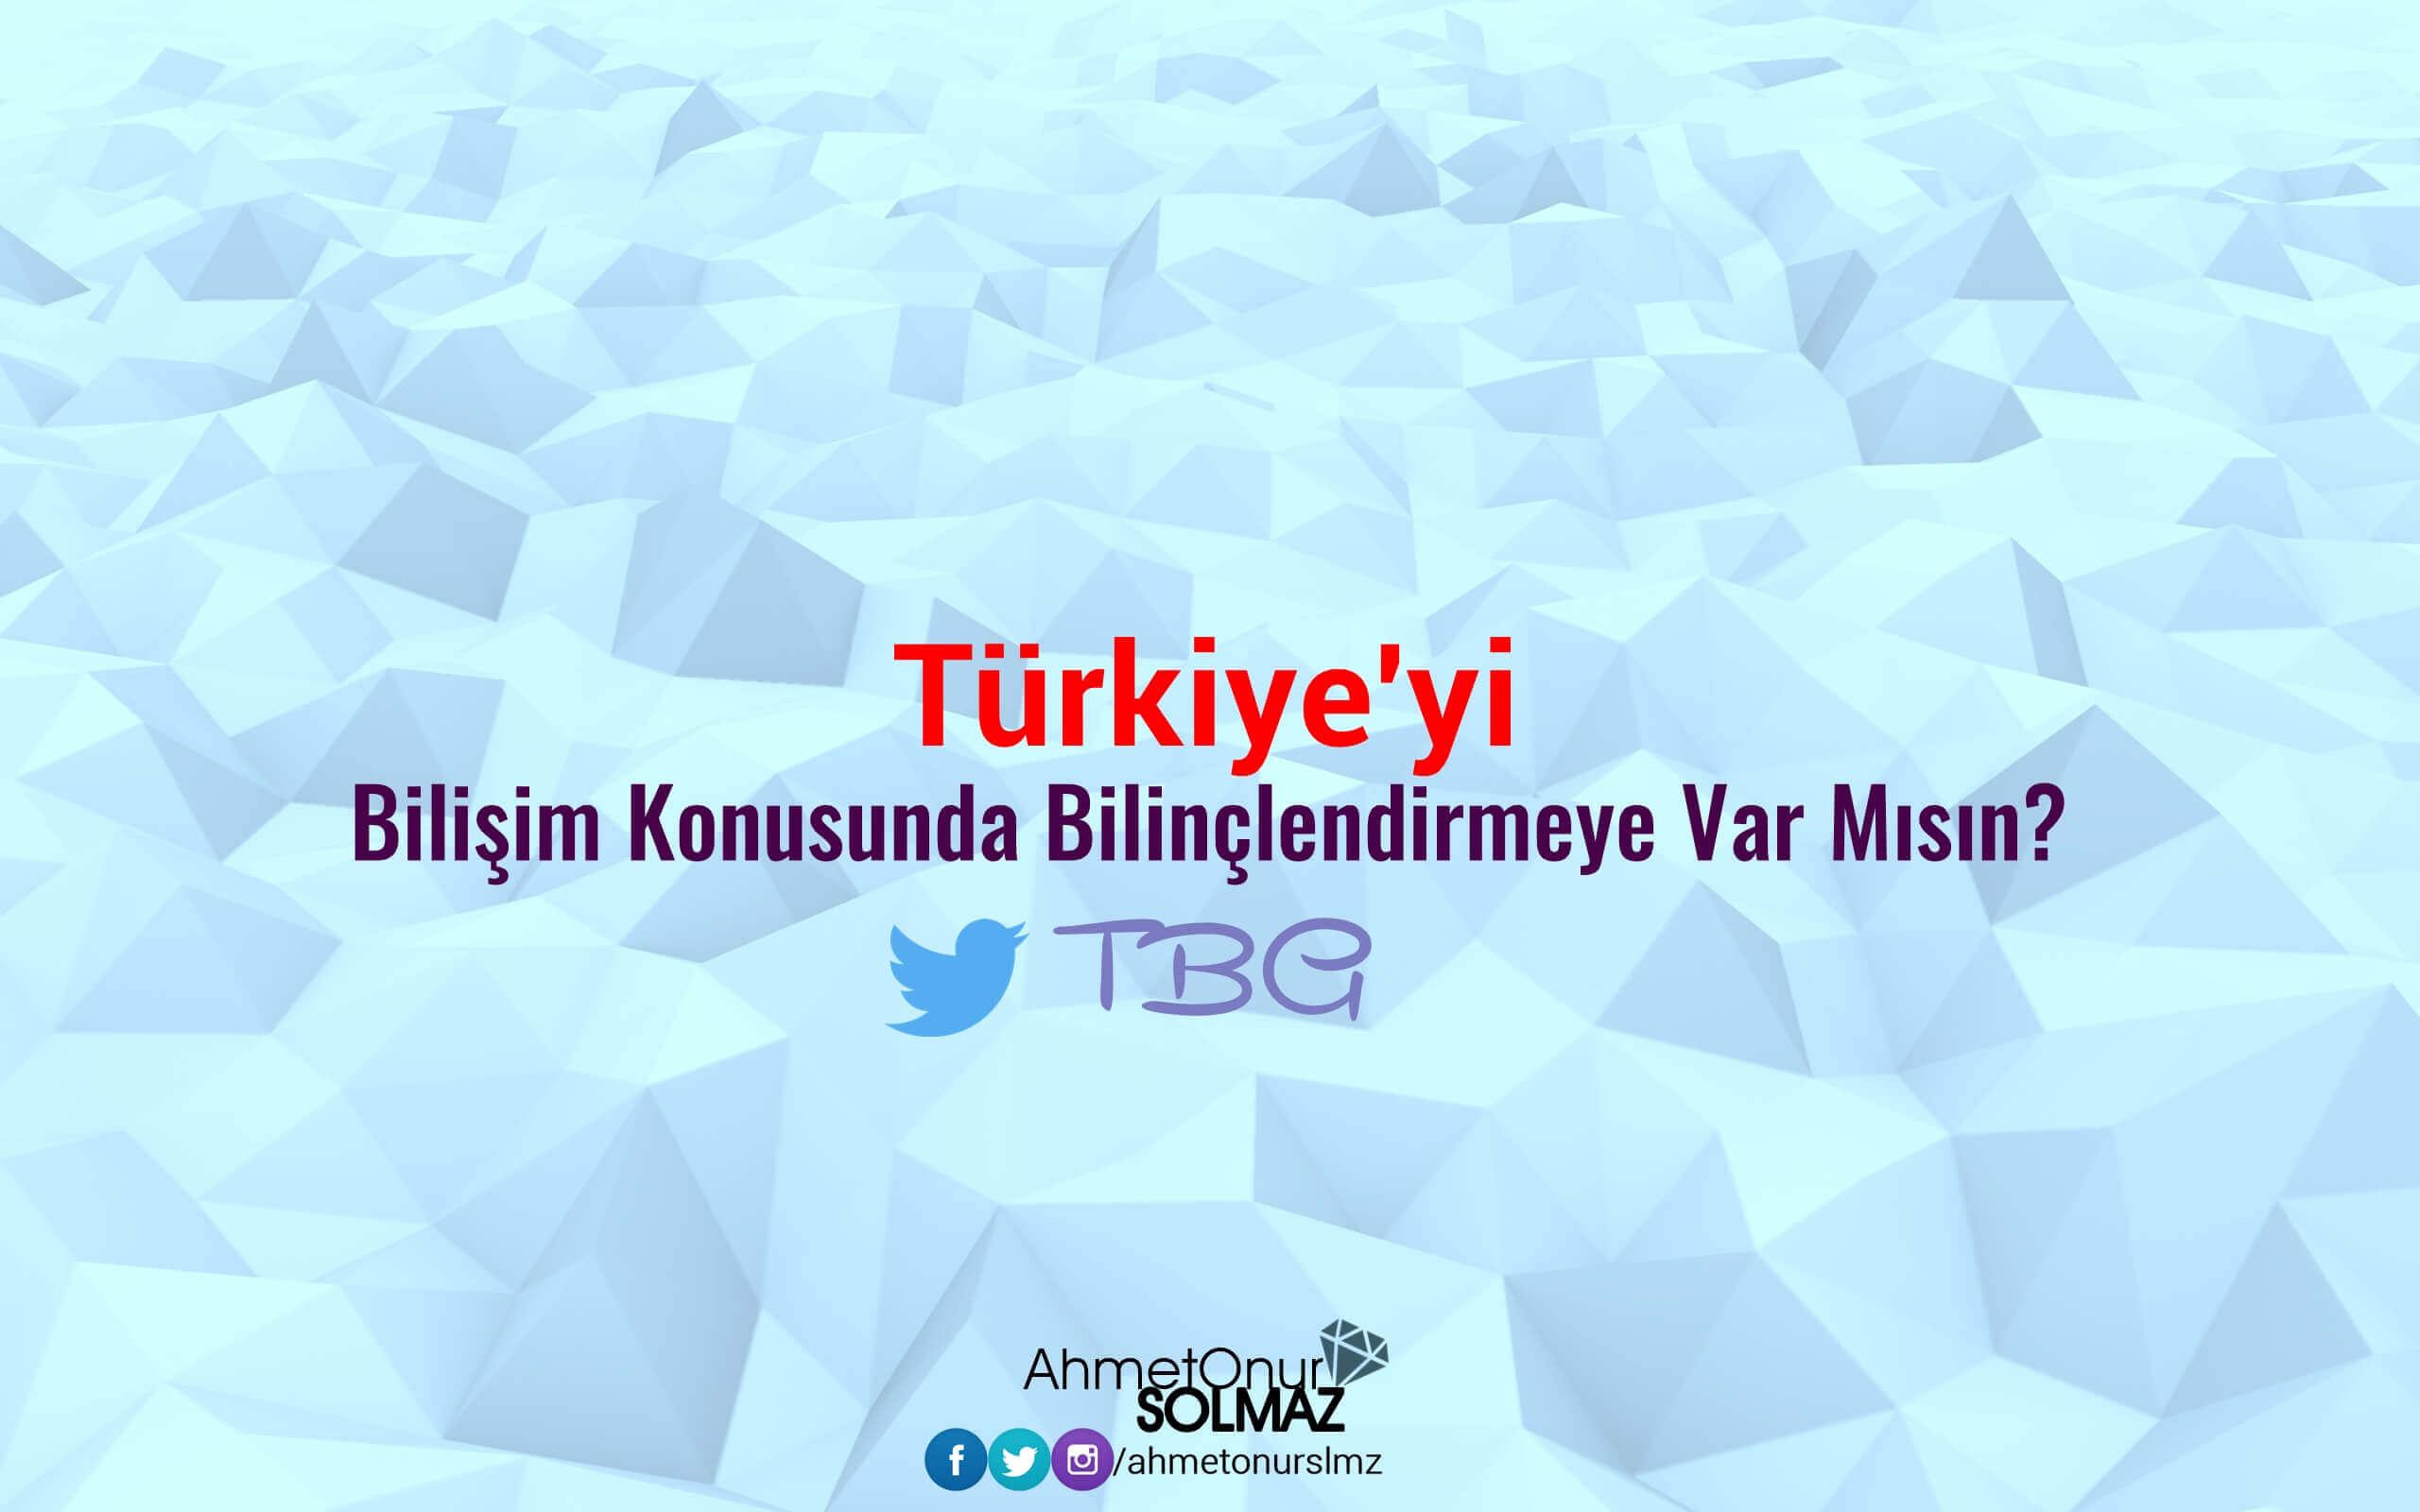 Türkiye'yi Bilişim Konusunda Bilinçlendirmeye Var Mısın